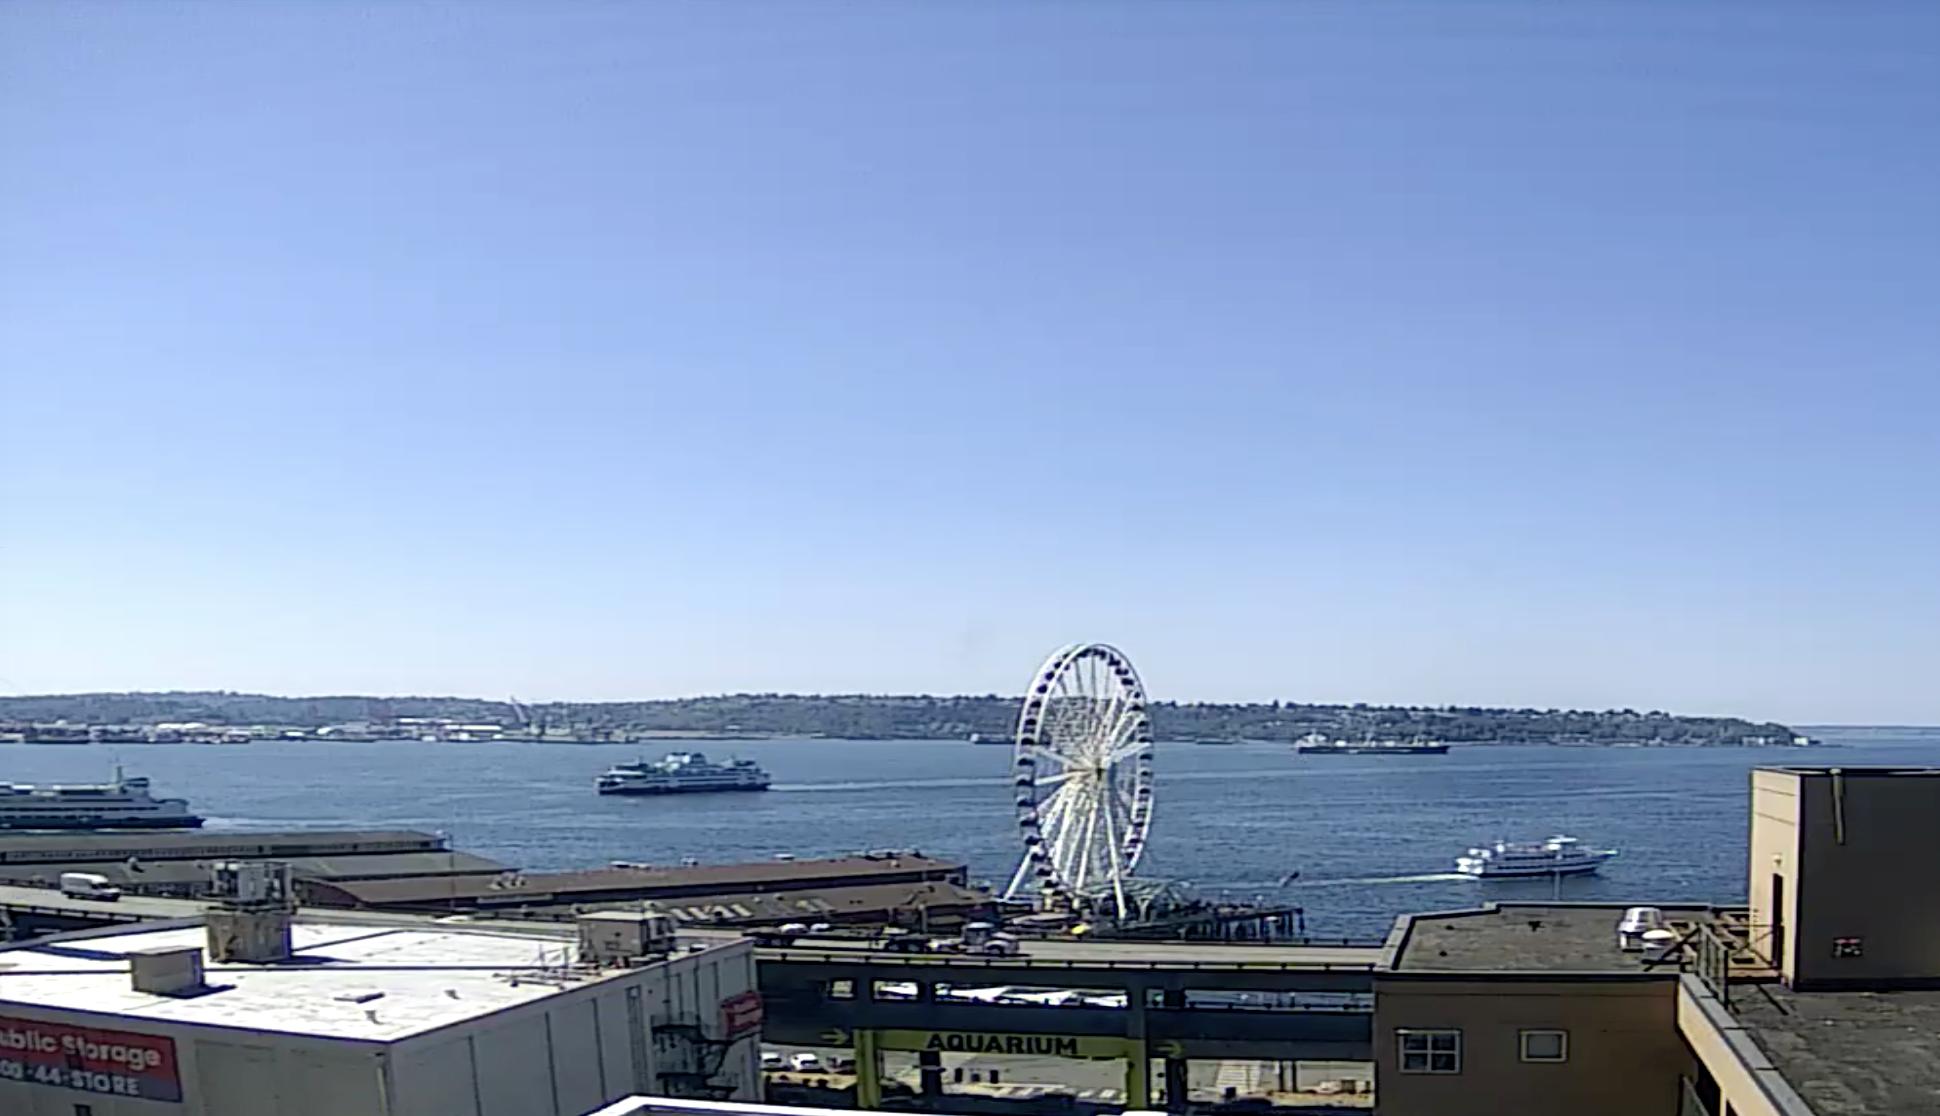 Seattle Waterfront Webcam SWW Happy Ships in the Bay 08 16 2018